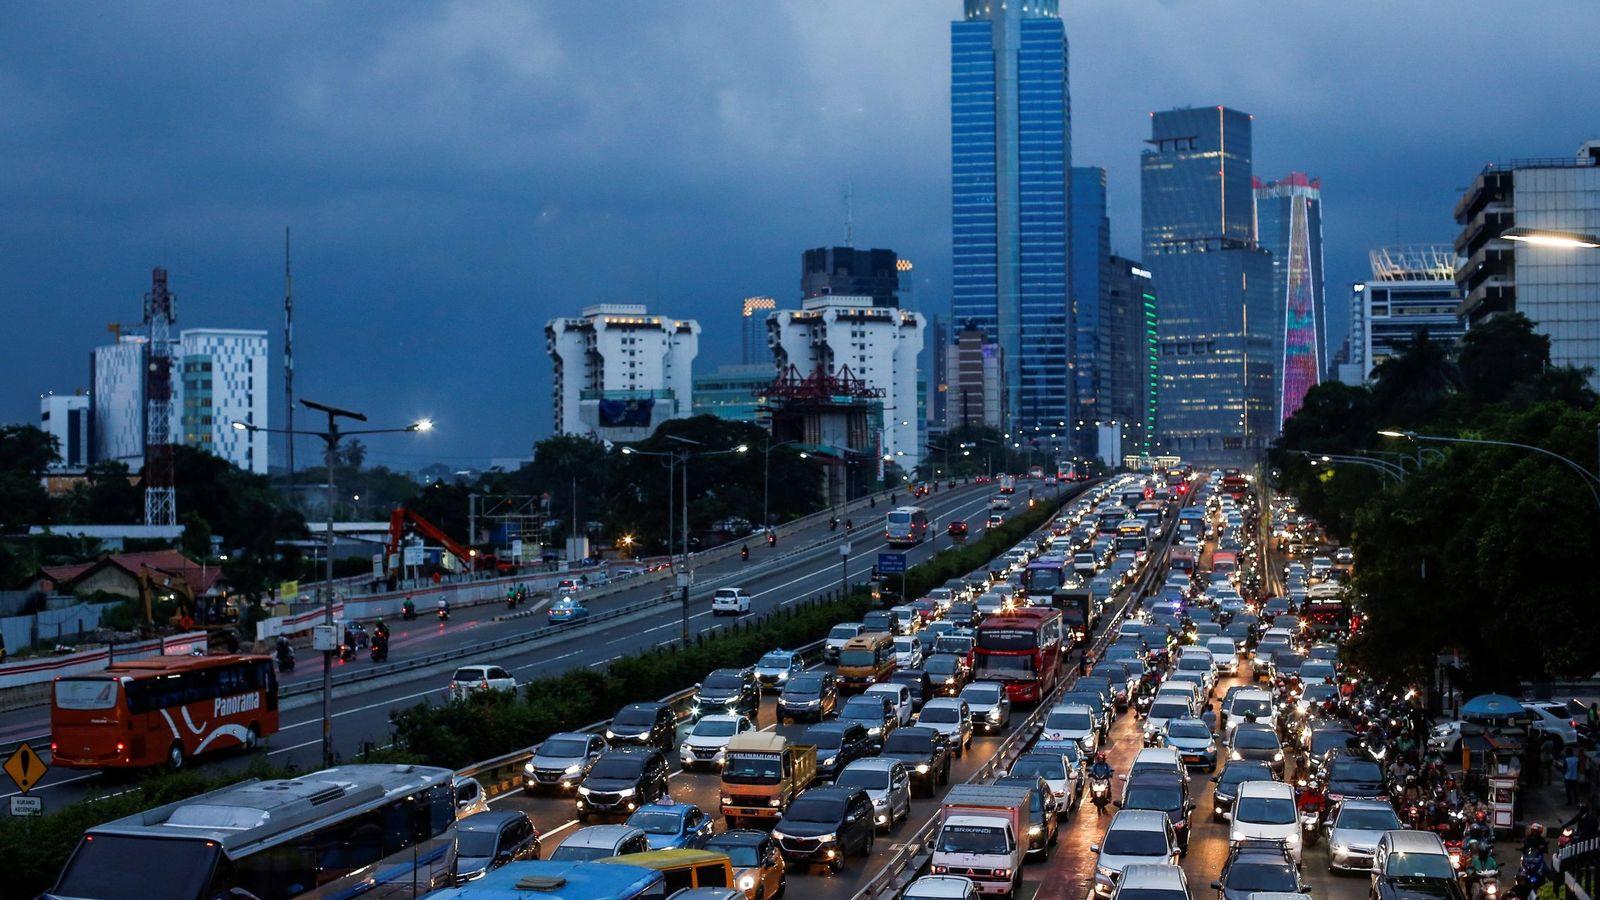 Ciudades del mundo (A a la Z) - Página 6 Mudanza-en-yakarta-indonesia-comenzara-a-construir-su-nueva-capital-en-2020